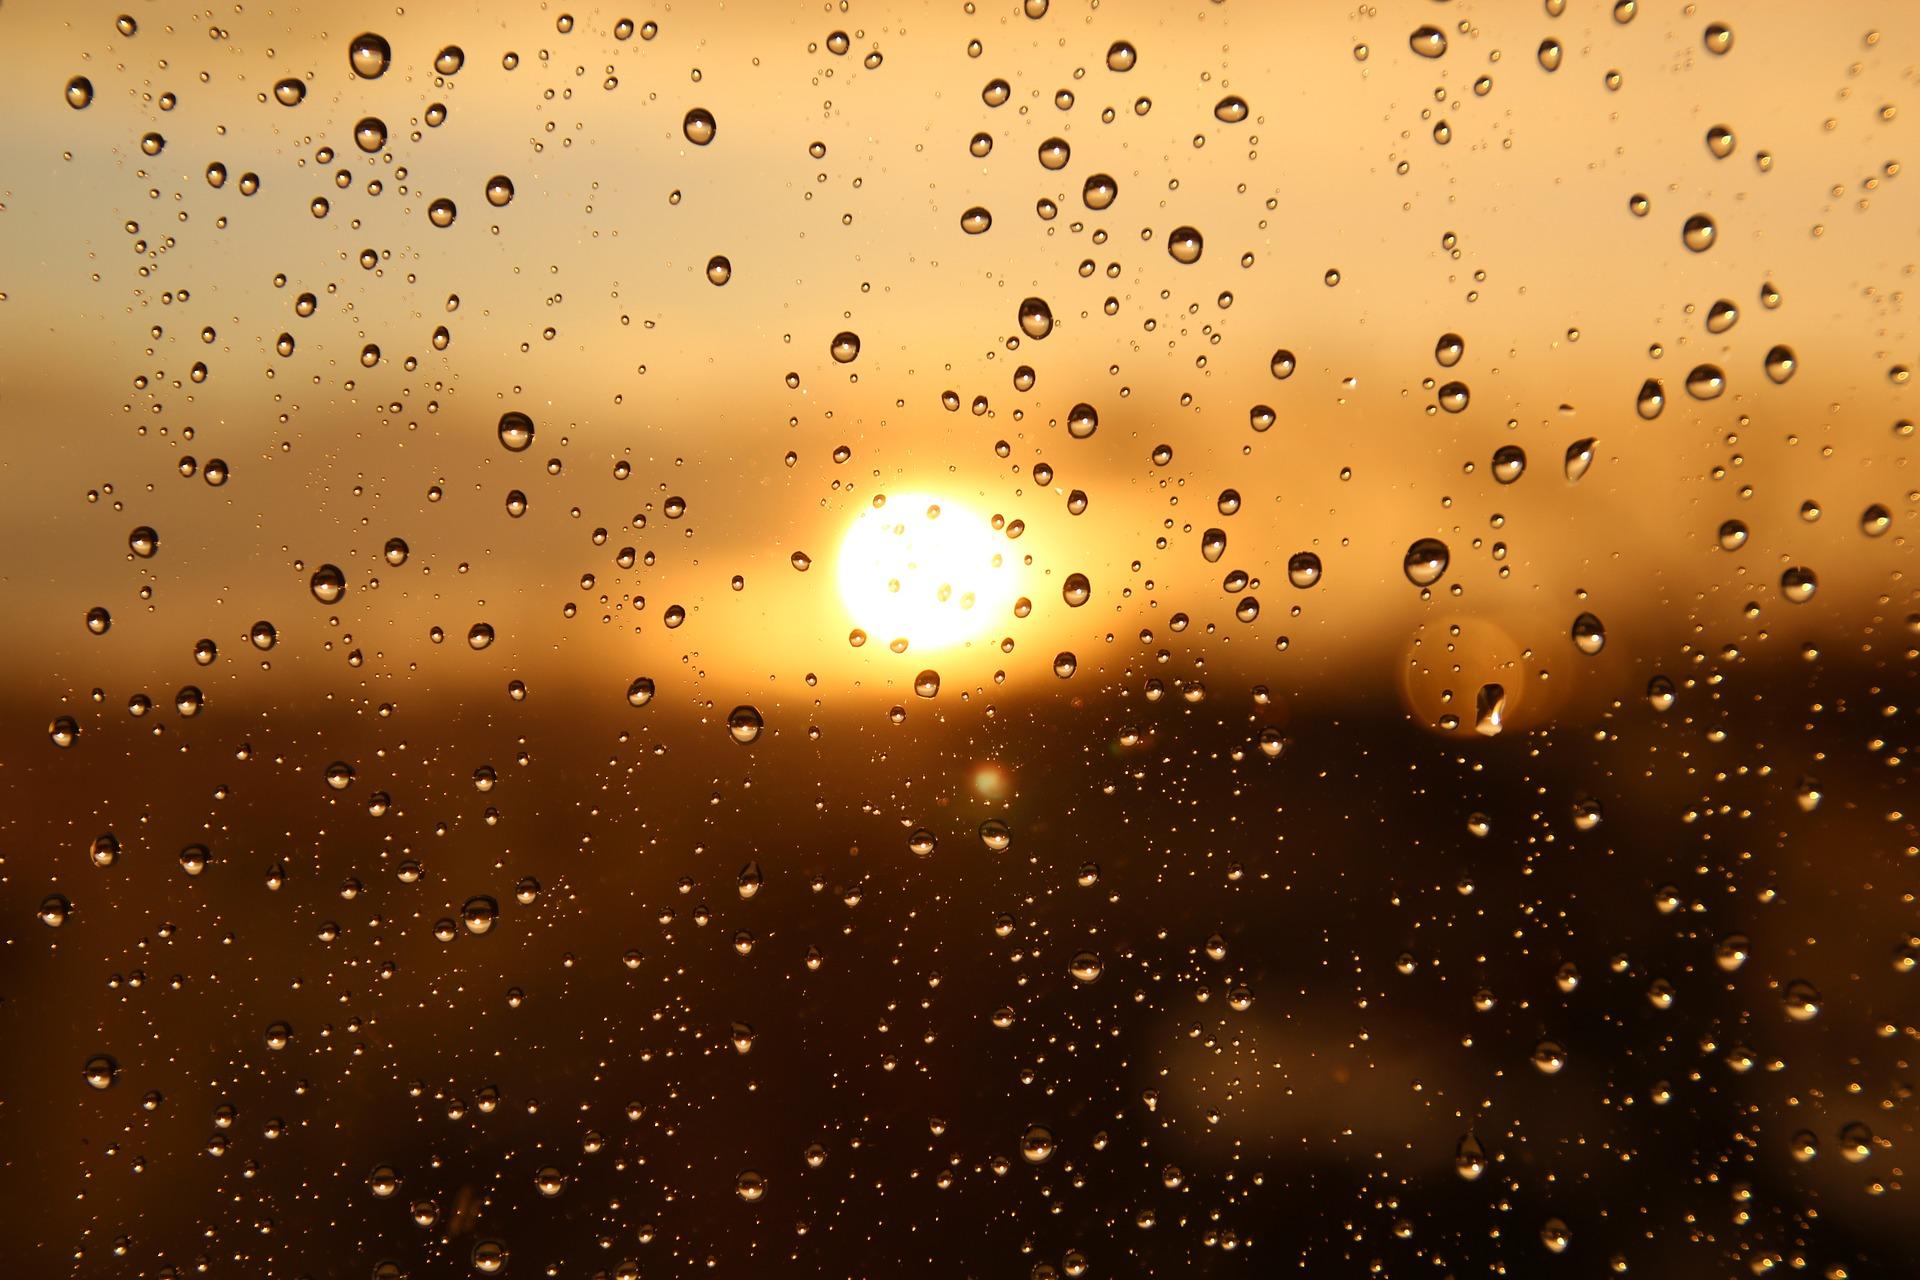 Солнце будет выглядывать во время дождя в некоторых районах ЕАО – прогноз погоды на 13 апреля